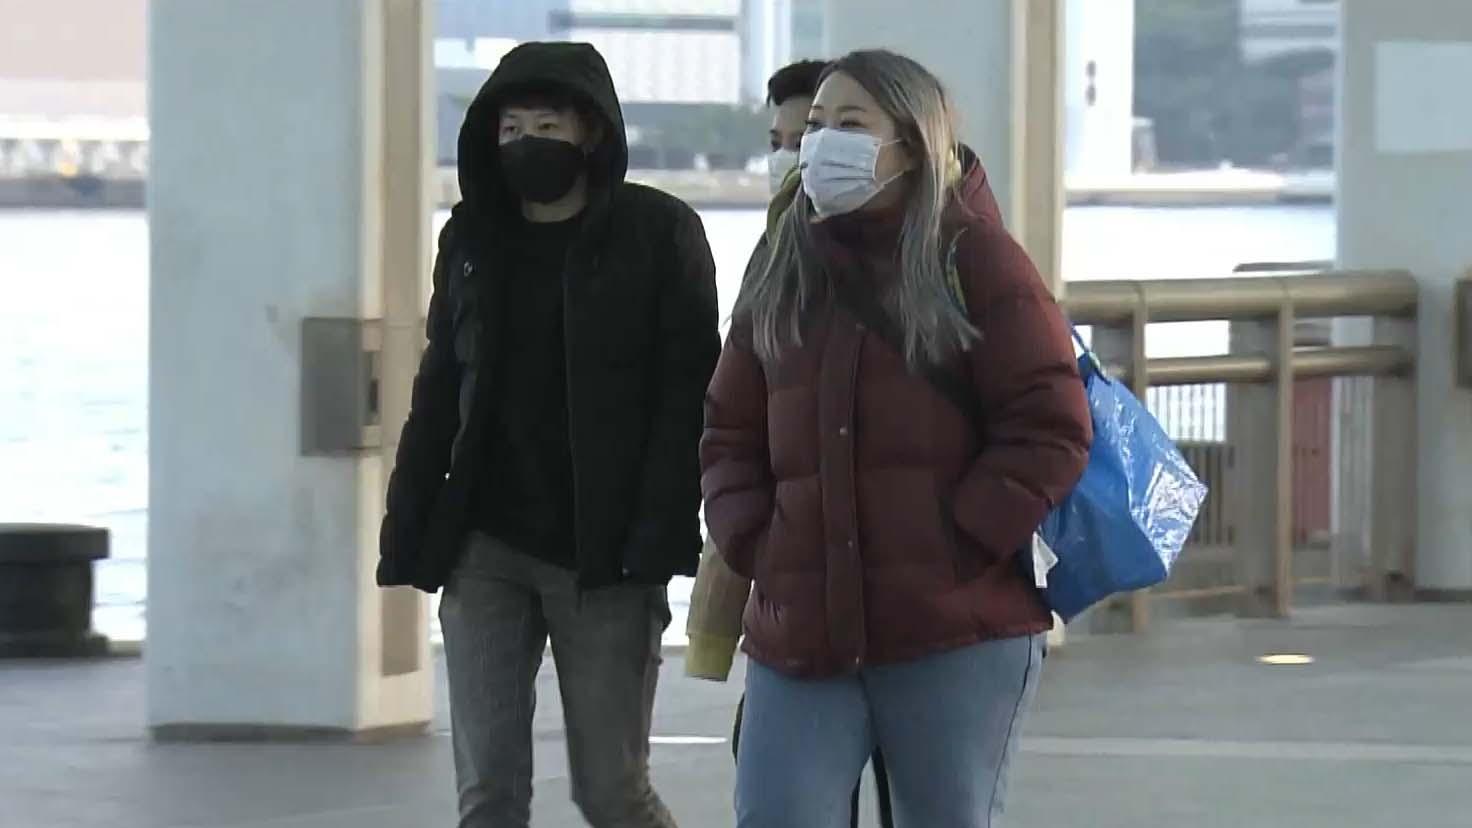 市區清晨氣溫寒冷 市民外出添衣禦寒